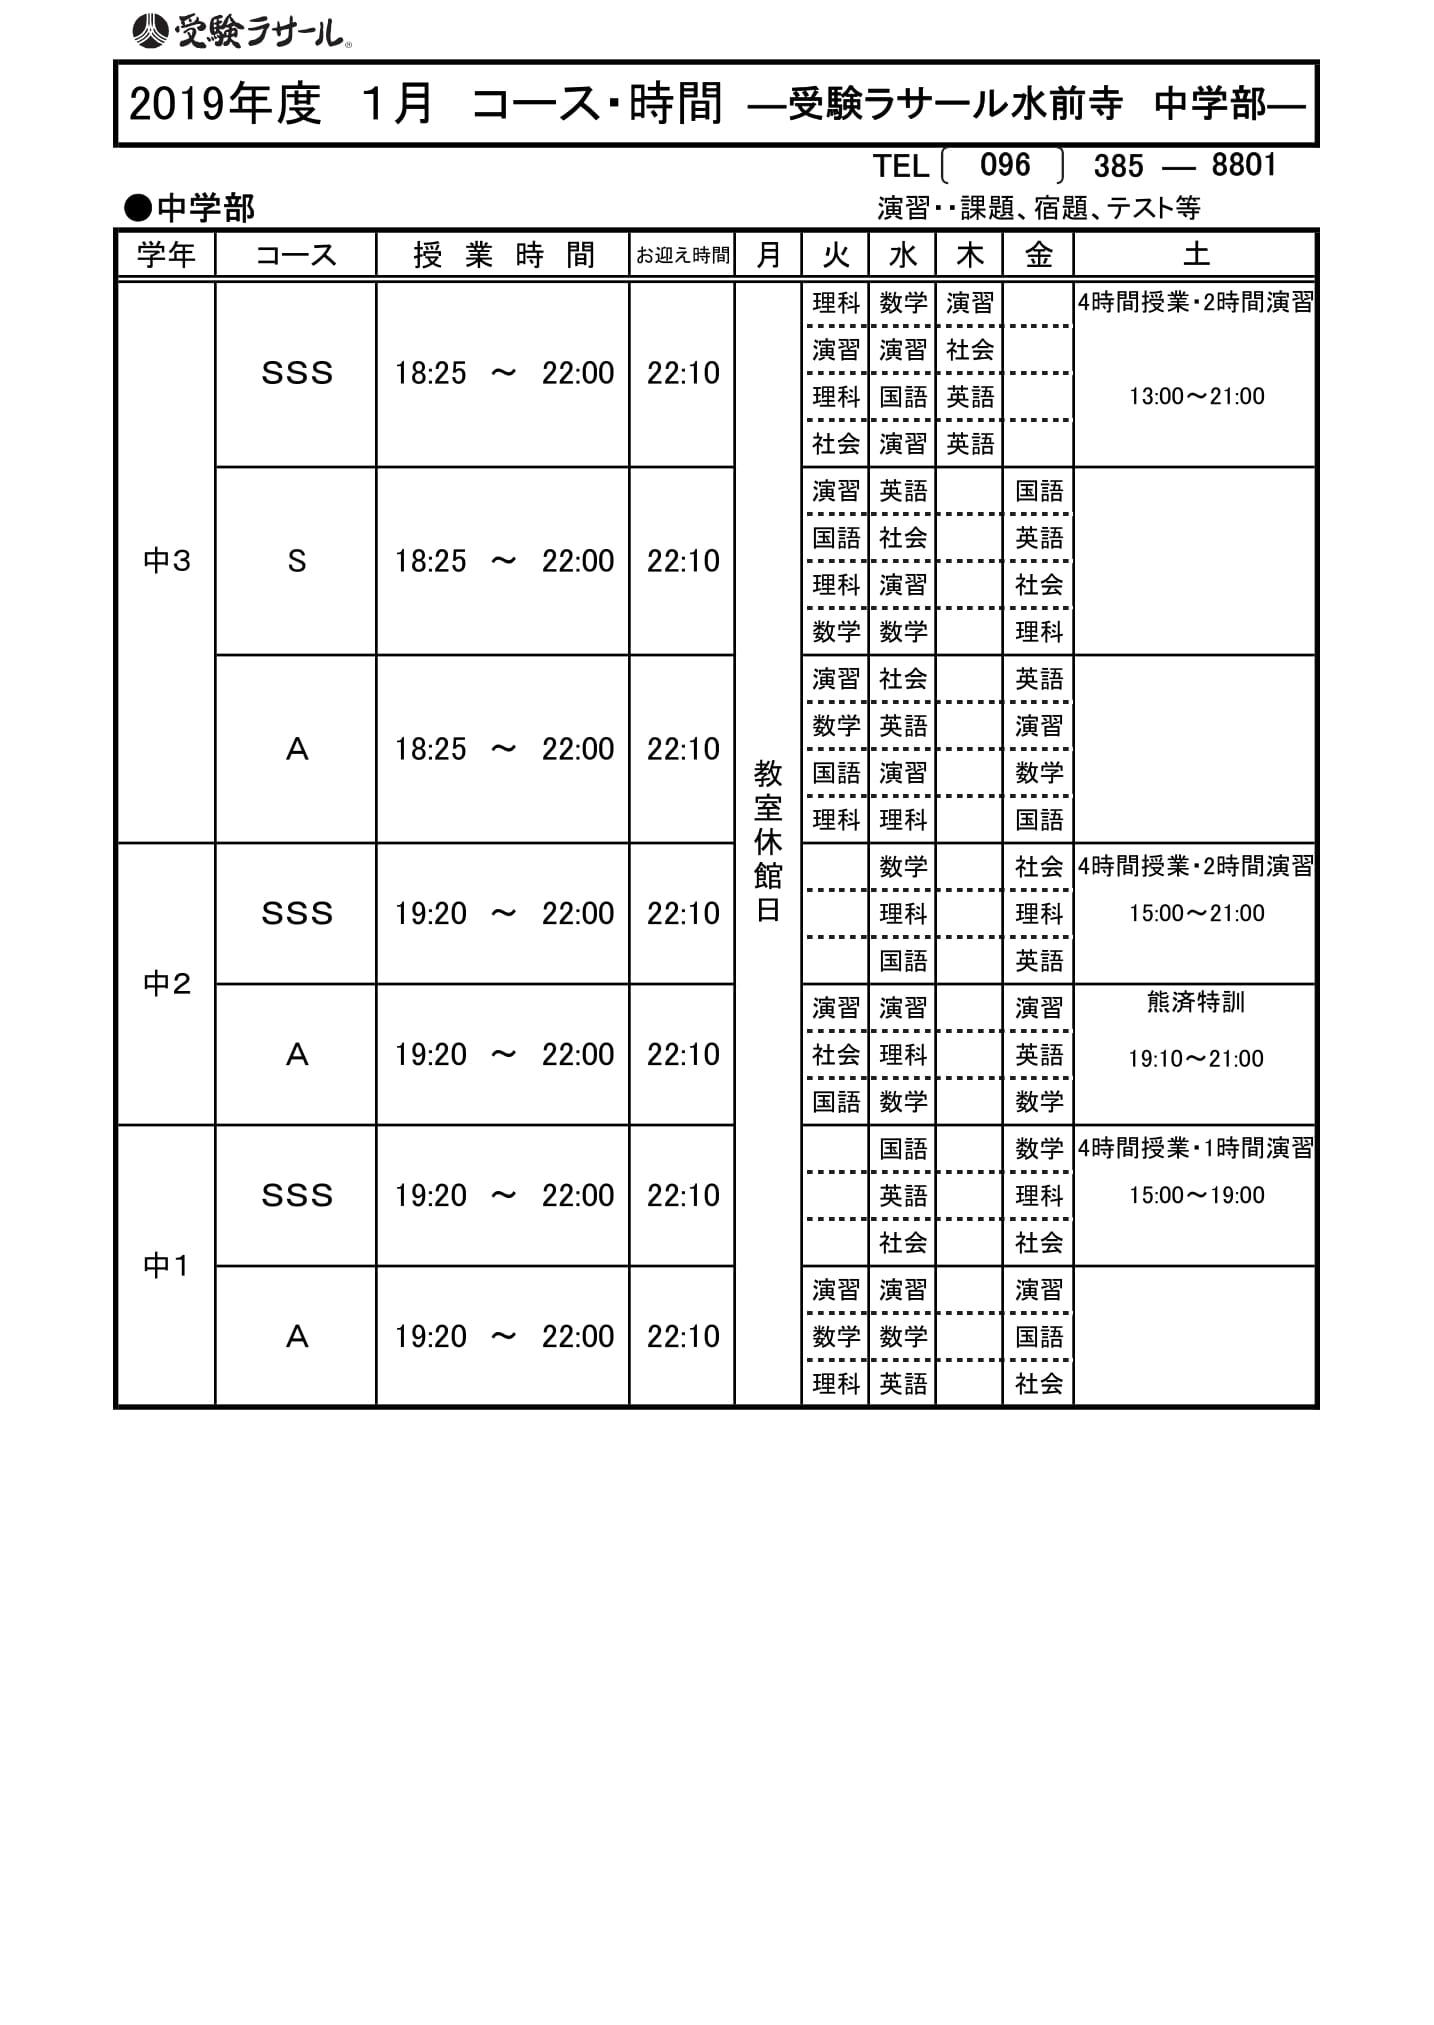 3学期 1月 中学部 時間割